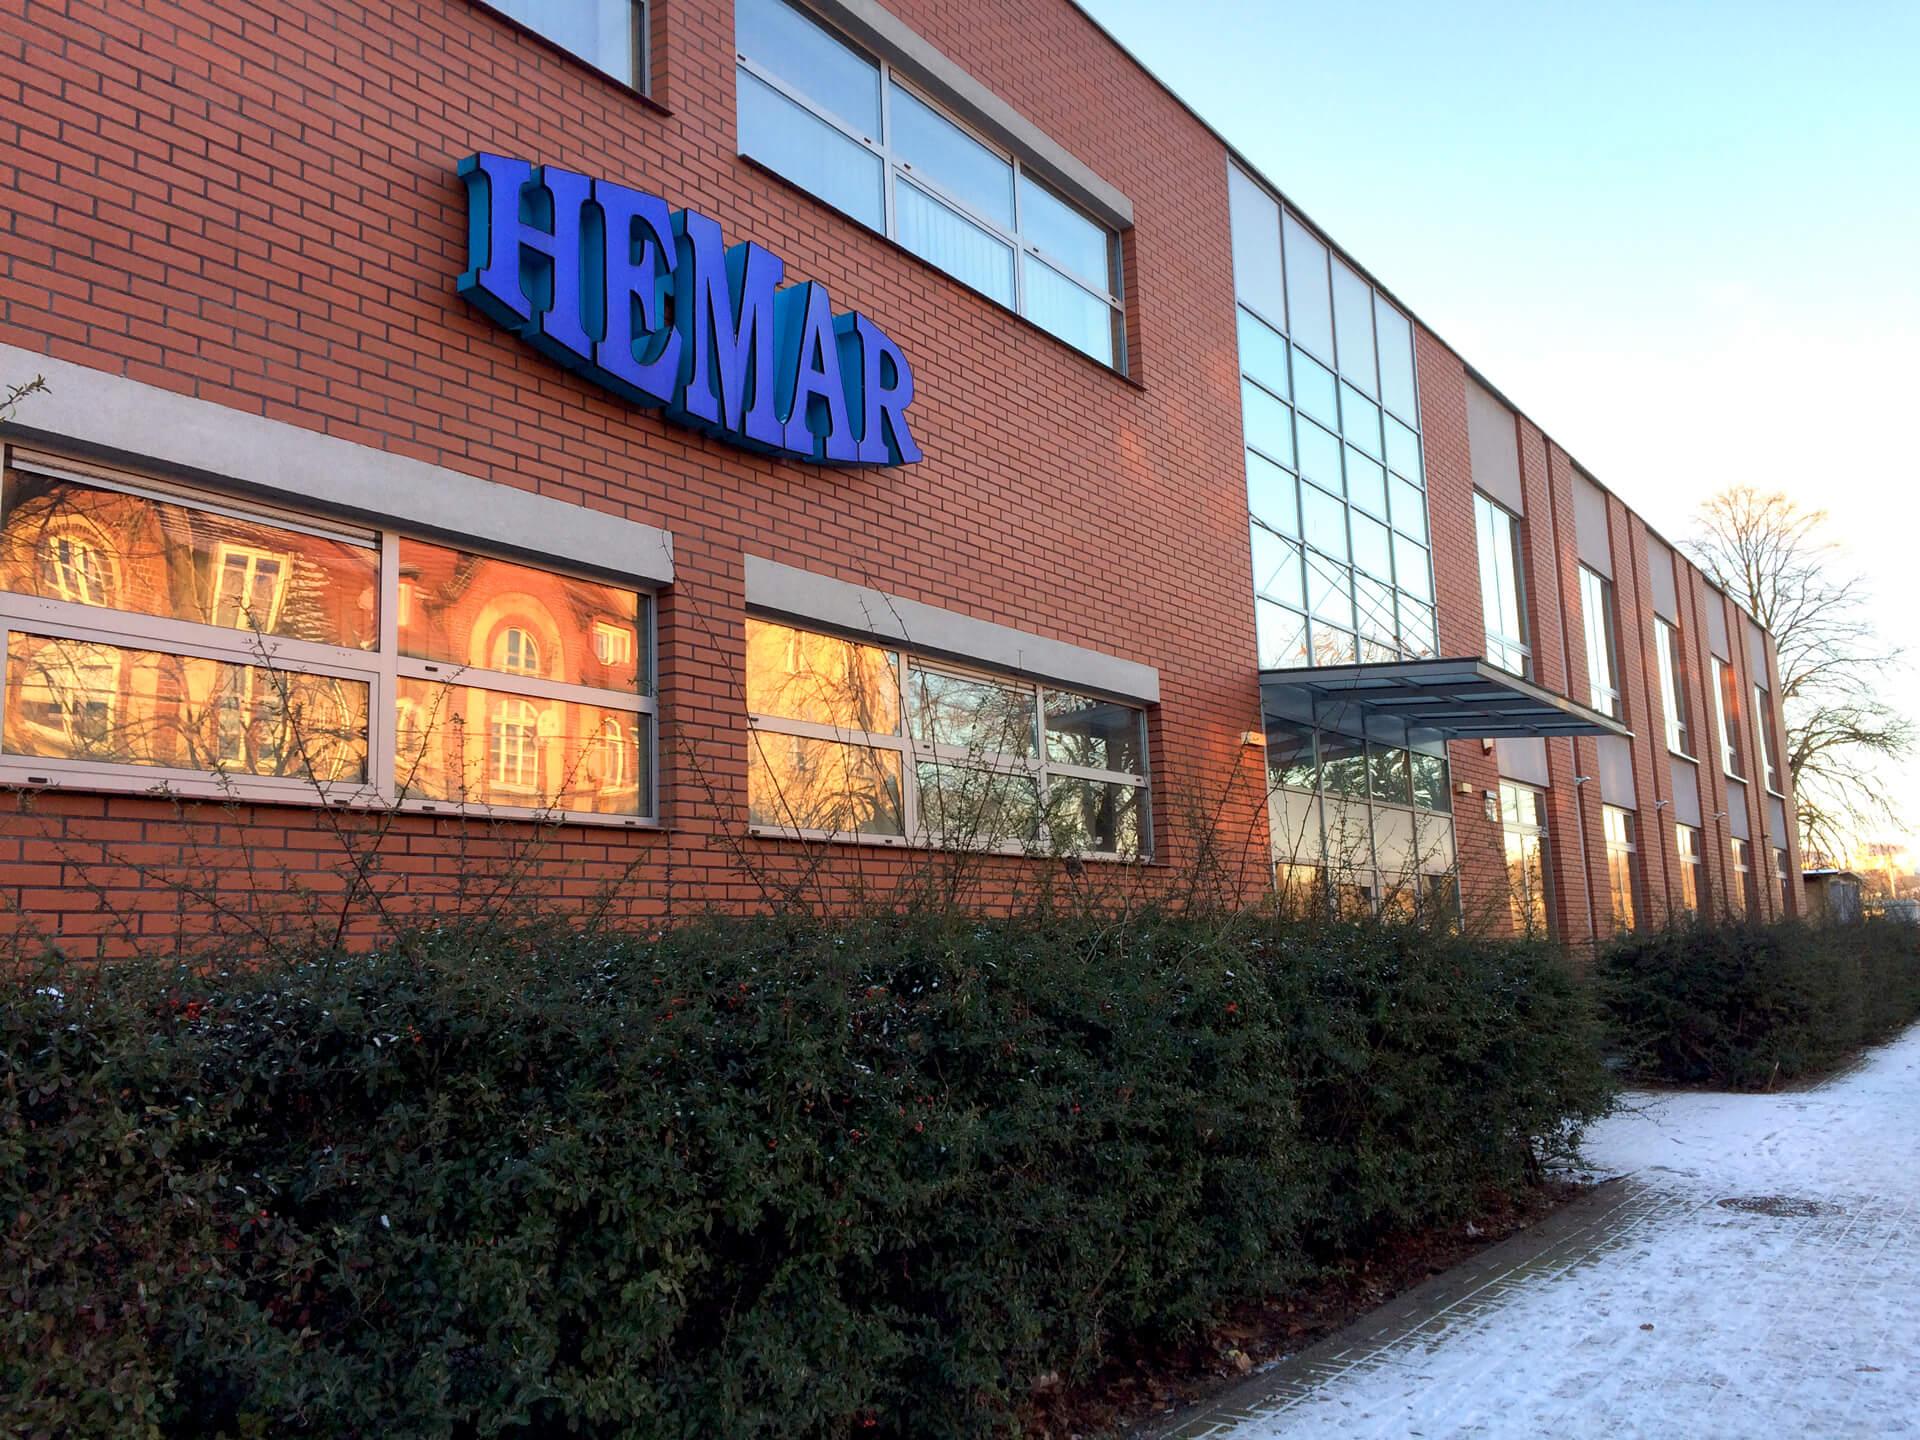 Siedziba firmy Hemar - Berdowski i Konsik Spółka Jawna , ul. Waryńskiego 28, Gorzów Wlkp.